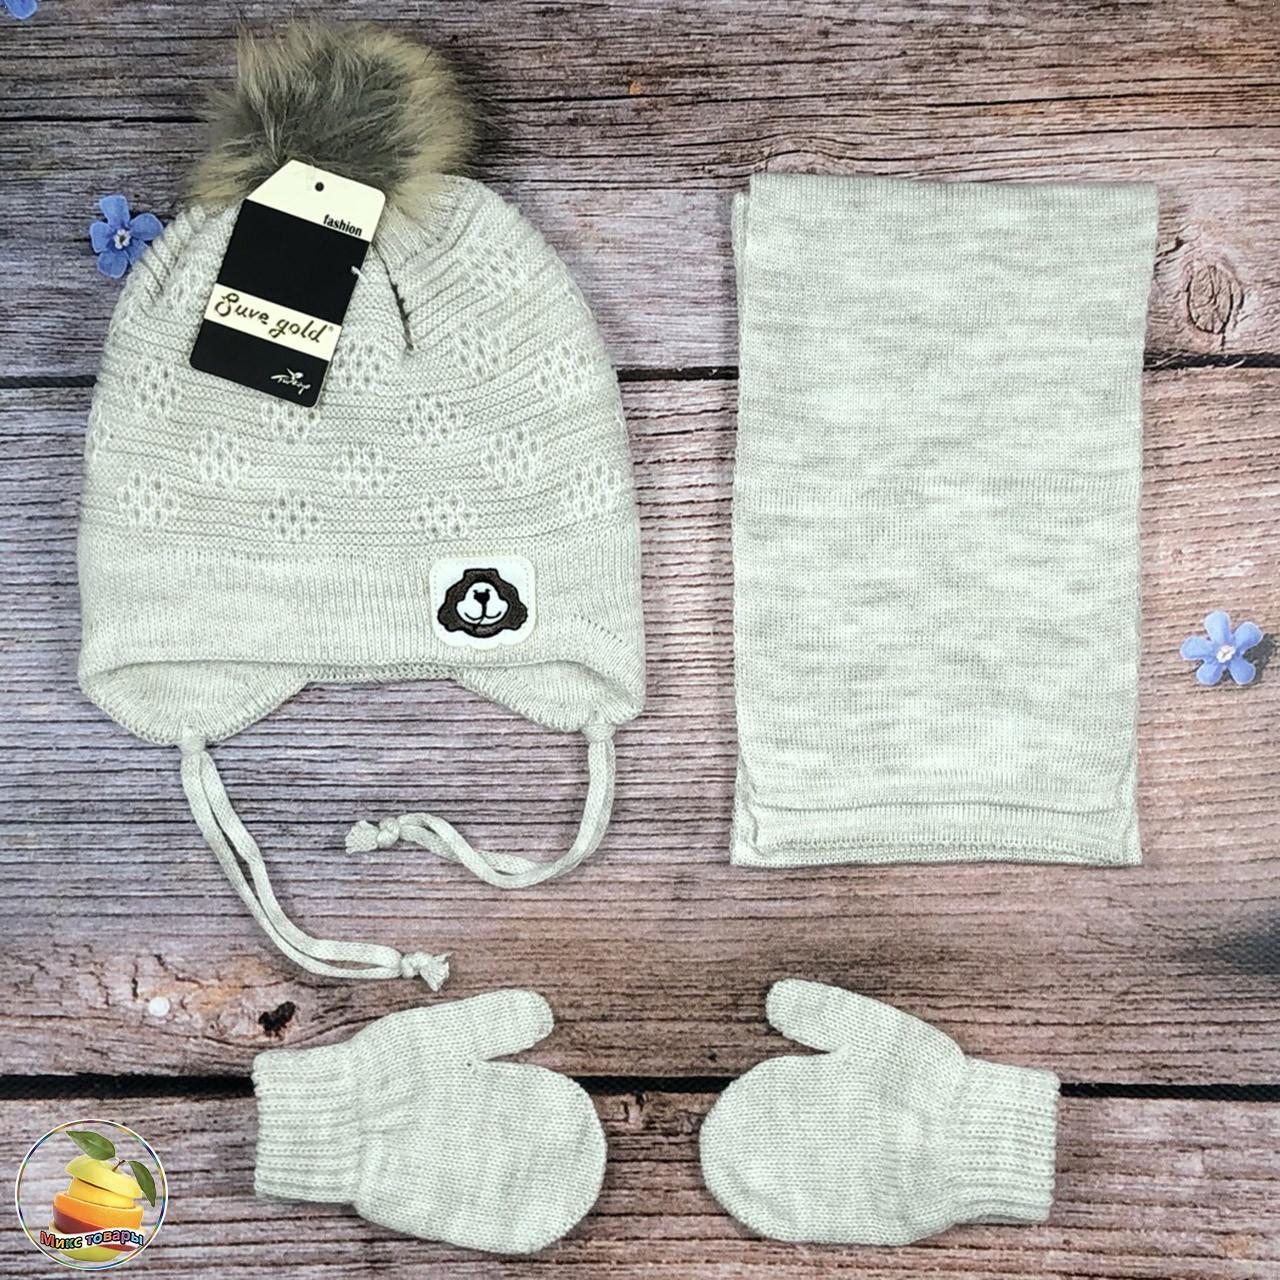 Дитячий в'язаний набір з шапочкою на травичці, шарфом і рукавицями Розмір: від 3 до 12 місяців (21019)